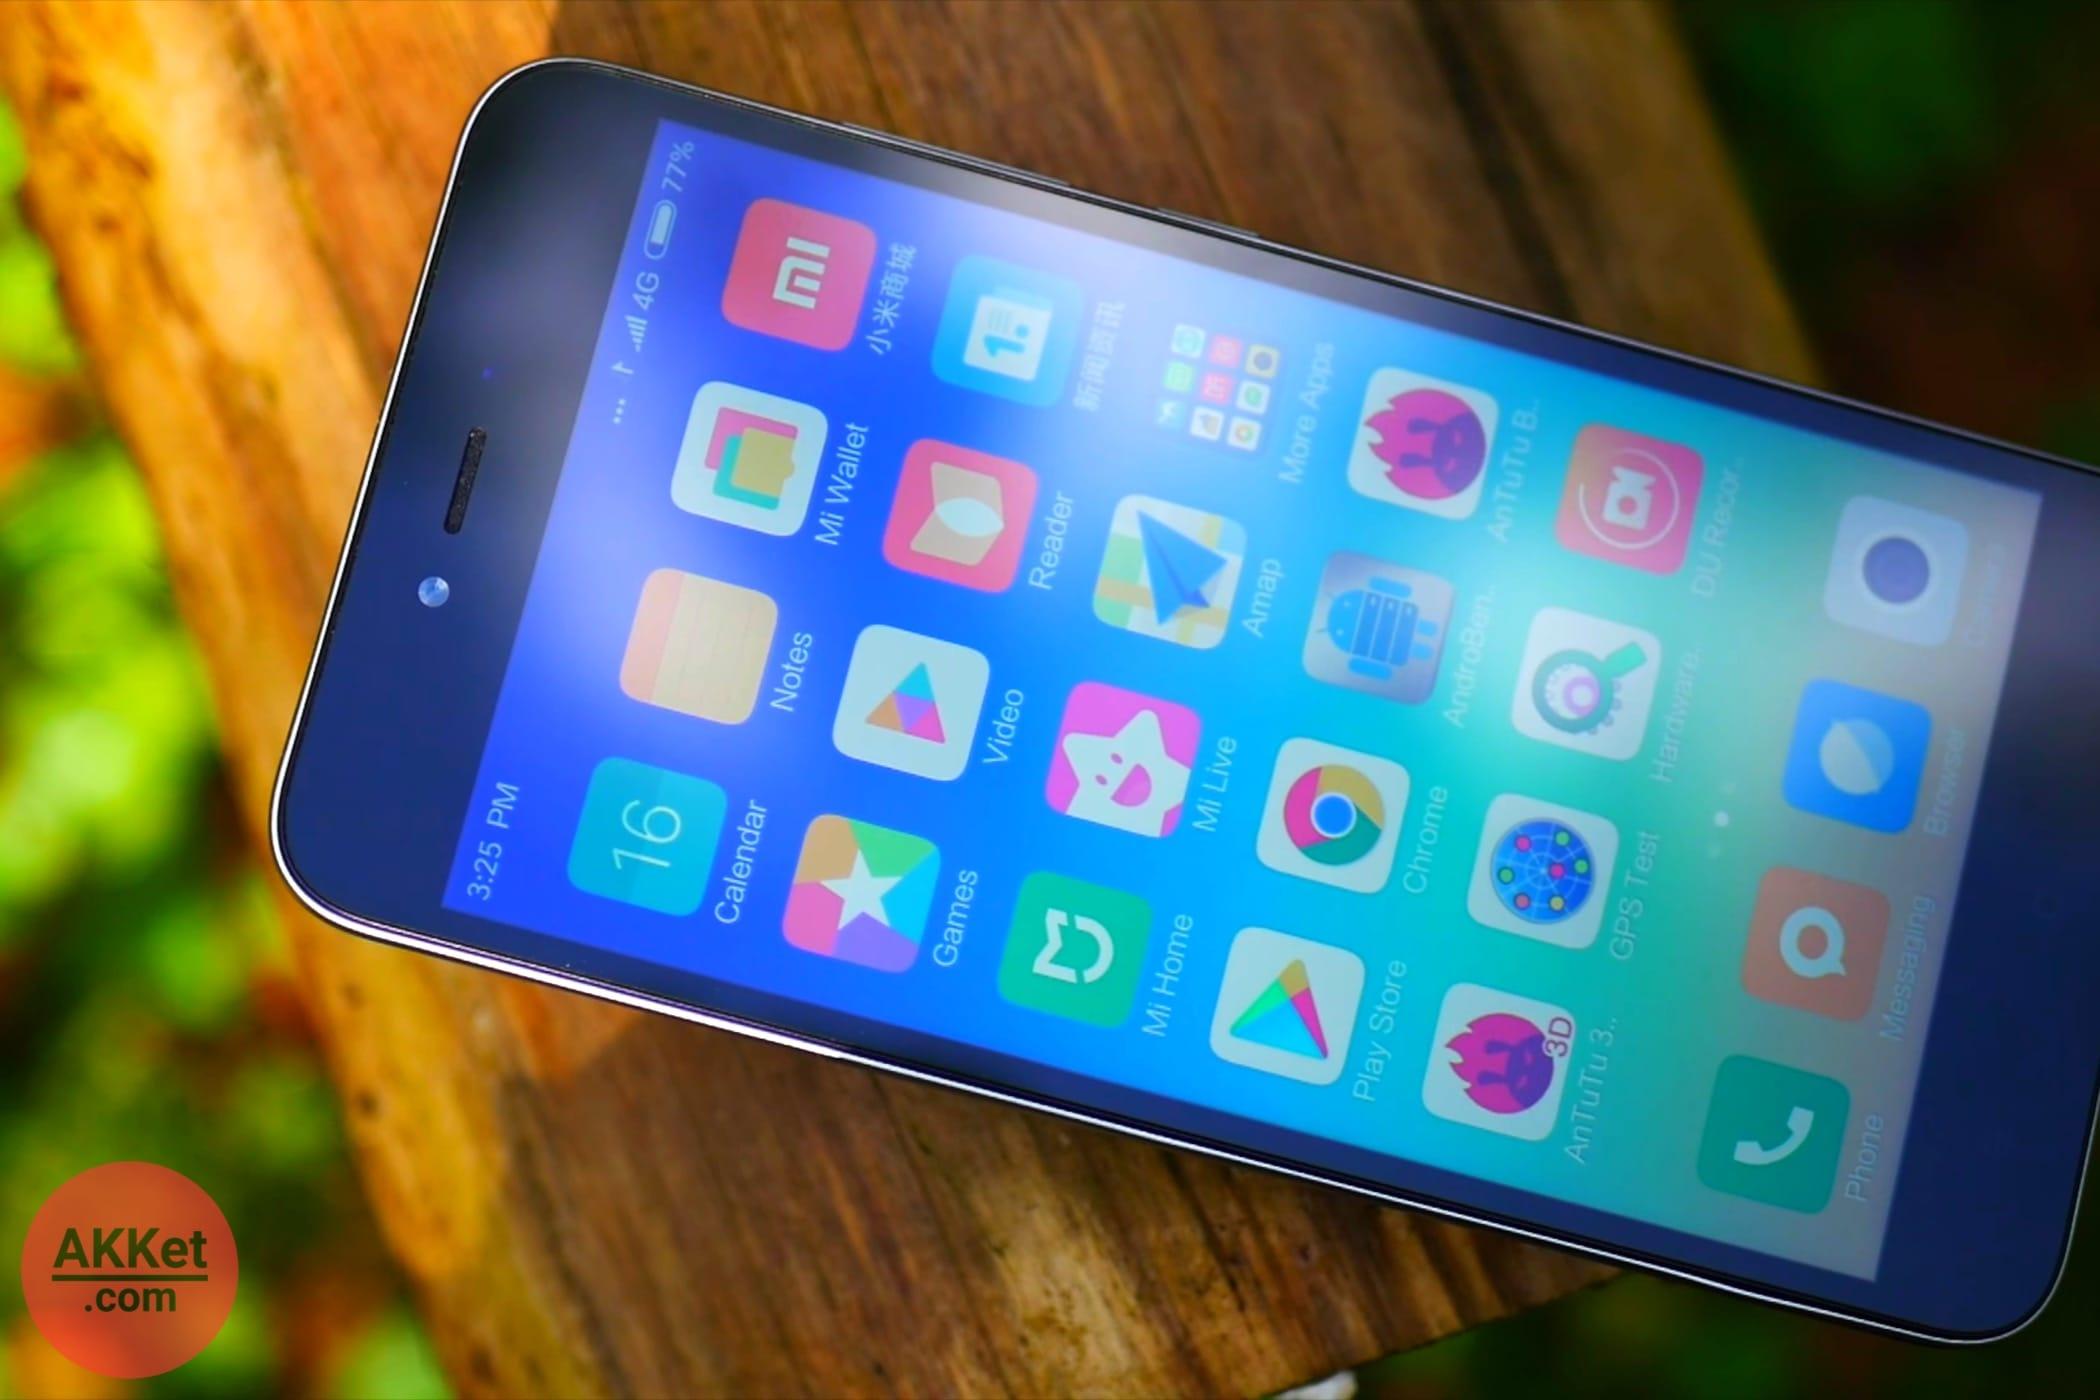 В Российской Федерации «Связной» возвратит полную стоимость Xiaomi Redmi 5